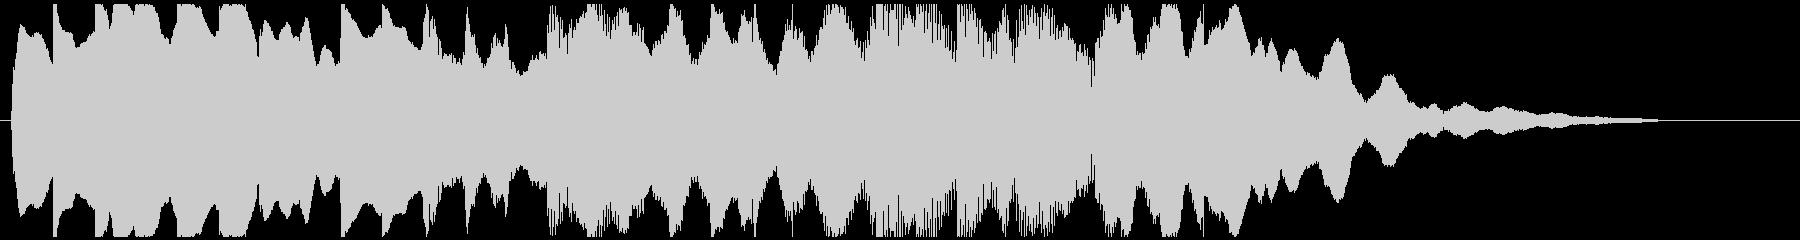 【ジングル/ロゴ】エスニック 鉄琴2の未再生の波形